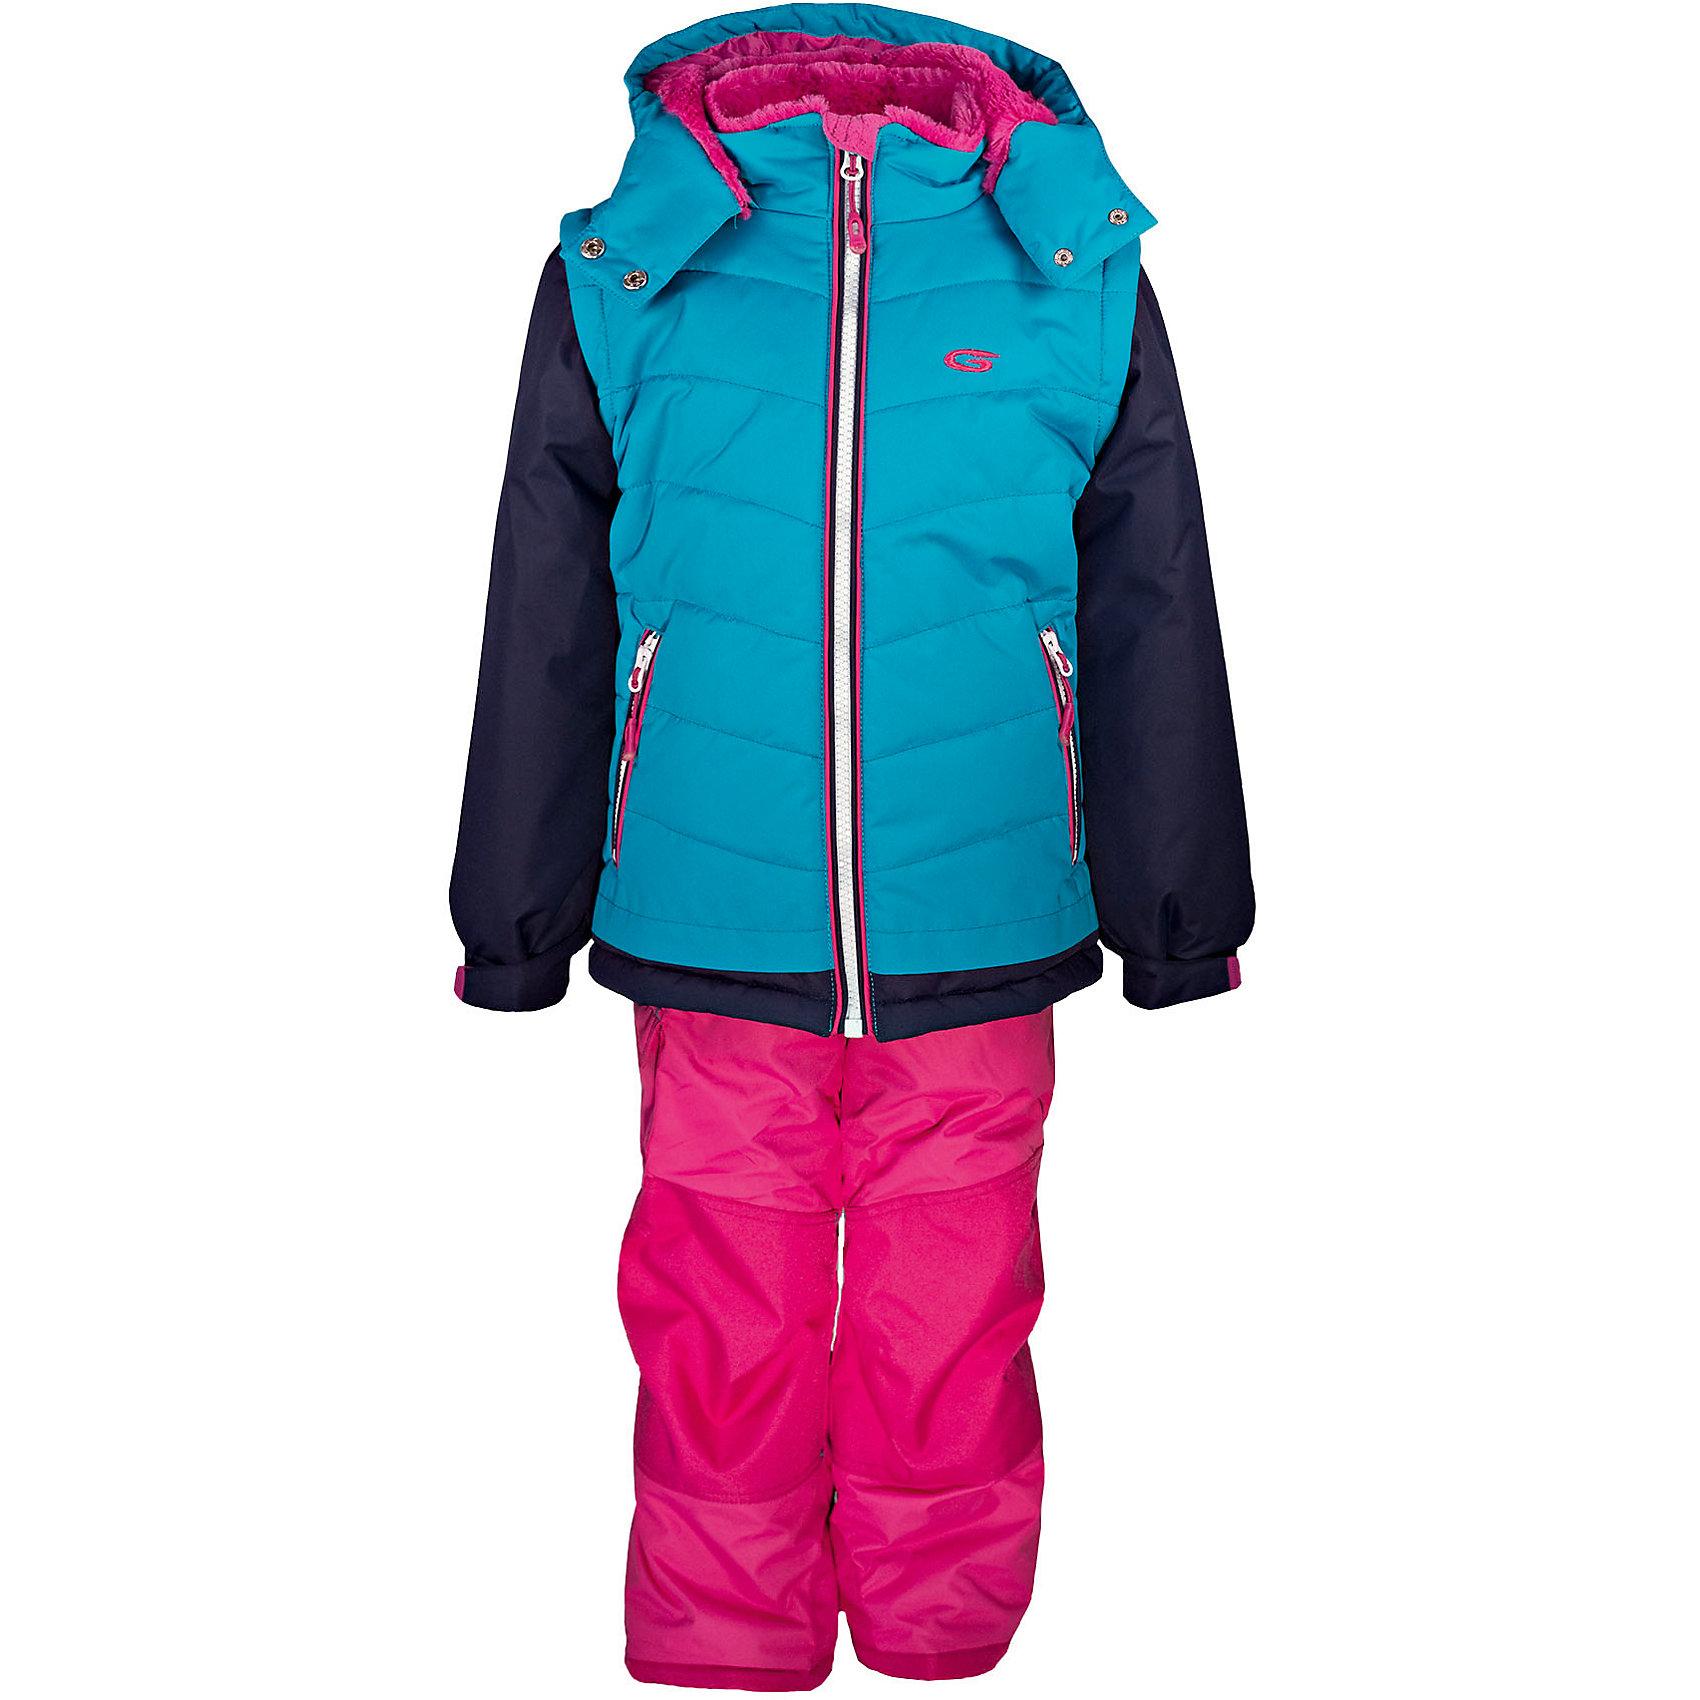 Комплект: куртка и полукомбинезон GUSTIВерхняя одежда<br>Комплект: куртка и полукомбинезон GUSTI (ГУСТИ) – это идеальный вариант для суровой зимы с сильными морозами.<br><br>Температурный режим: до -30  градусов. Степень утепления – высокая. <br><br>* Температурный режим указан приблизительно — необходимо, прежде всего, ориентироваться на ощущения ребенка. Температурный режим работает в случае соблюдения правила многослойности – использования флисовой поддевы и термобелья.<br><br>Комплект от GUSTI (ГУСТИ) состоит из куртки и полукомбинезона, выполненных из плотного непромокаемого материала с защитной от влаги мембраной 5000 мм. Тань хорошо сохраняет тепло, отталкивает влагу и позволяет коже ребенка дышать. Утеплитель из тек-полифилла и флисовая внутренняя отделка на груди и на спинке дают возможность использовать комплект при очень низких температурах. Куртка застегивается на молнию, имеет два боковых кармана на молнии, высокий ворот с защитой подбородка, снегозащитную юбку, трикотажные манжеты в рукавах, отстёгивающийся капюшон с подкладкой из искусственного меха. Полукомбинезон застегивается на молнию, имеет накладной карман с клапаном на липучке, регулируемые лямки, снегозащитные гетры. Длина брючин регулируется (отворот с креплением на липе). Сзади, на коленях, и по низу брючин имеется дополнительный слой ткани Cordura Oxford (сверхстойкий полиэстер). До размера 6х (120 см.) у полукомбинезона высокая грудка, в размерах 7 (122 см.) - 14 (164см) отстегивающаяся спинка, грудки нет. Модель подходит для прогулок на морозе до -30 градусов.<br><br>Дополнительная информация:<br><br>- Сезон: зима<br>- Пол: девочка<br>- Цвет: бирюзовый, розовый<br>- Температурный режим до -30 градусов<br>- Материал верха: куртка - shuss 5000мм (100% полиэстер); брюки - taslan 5000мм, накладки Cordura Oxford сзади, на коленях, и по низу брючин<br>- Наполнитель: куртка - тек-полифилл плотностью 283 гр/м (10 унций) 100% полиэстер; брюки - тек-полифилл плотностью 170 гр/м (6 унций) 100% полиэ